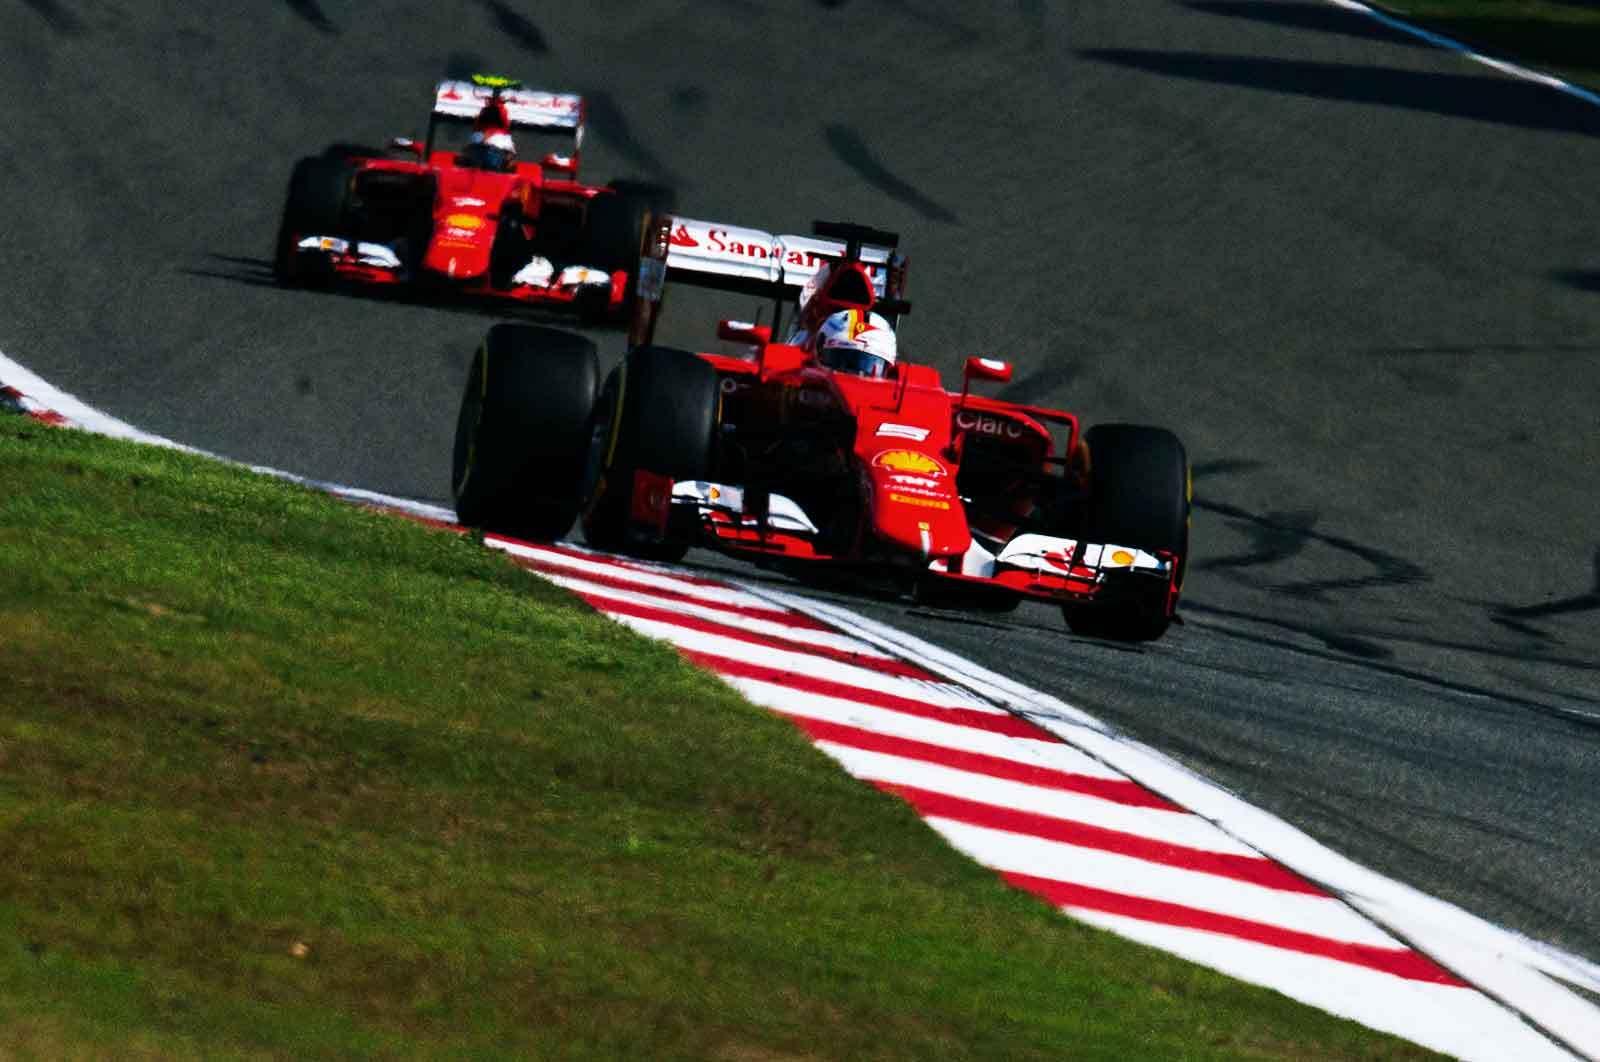 Chinese Grand Prix Kimi Raikkonen Sebastian Vettel